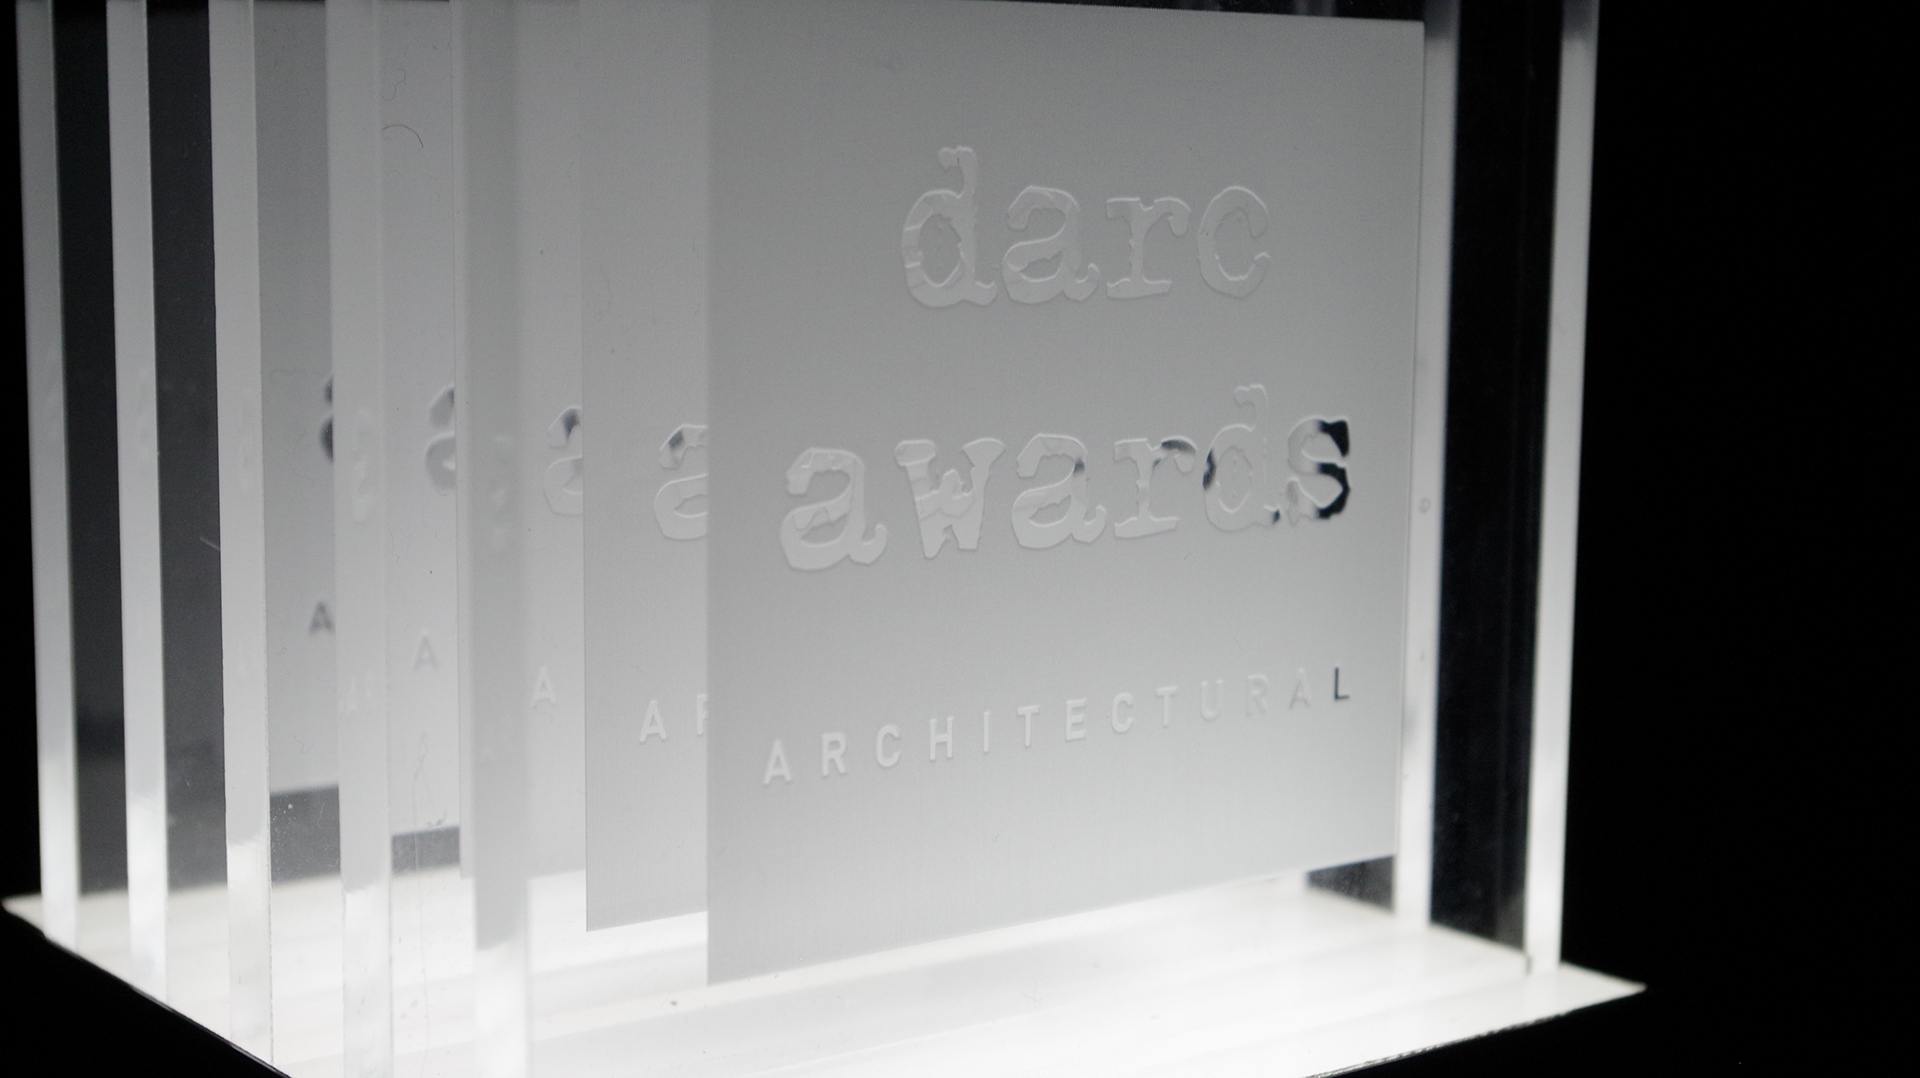 Darc-awards.jpg